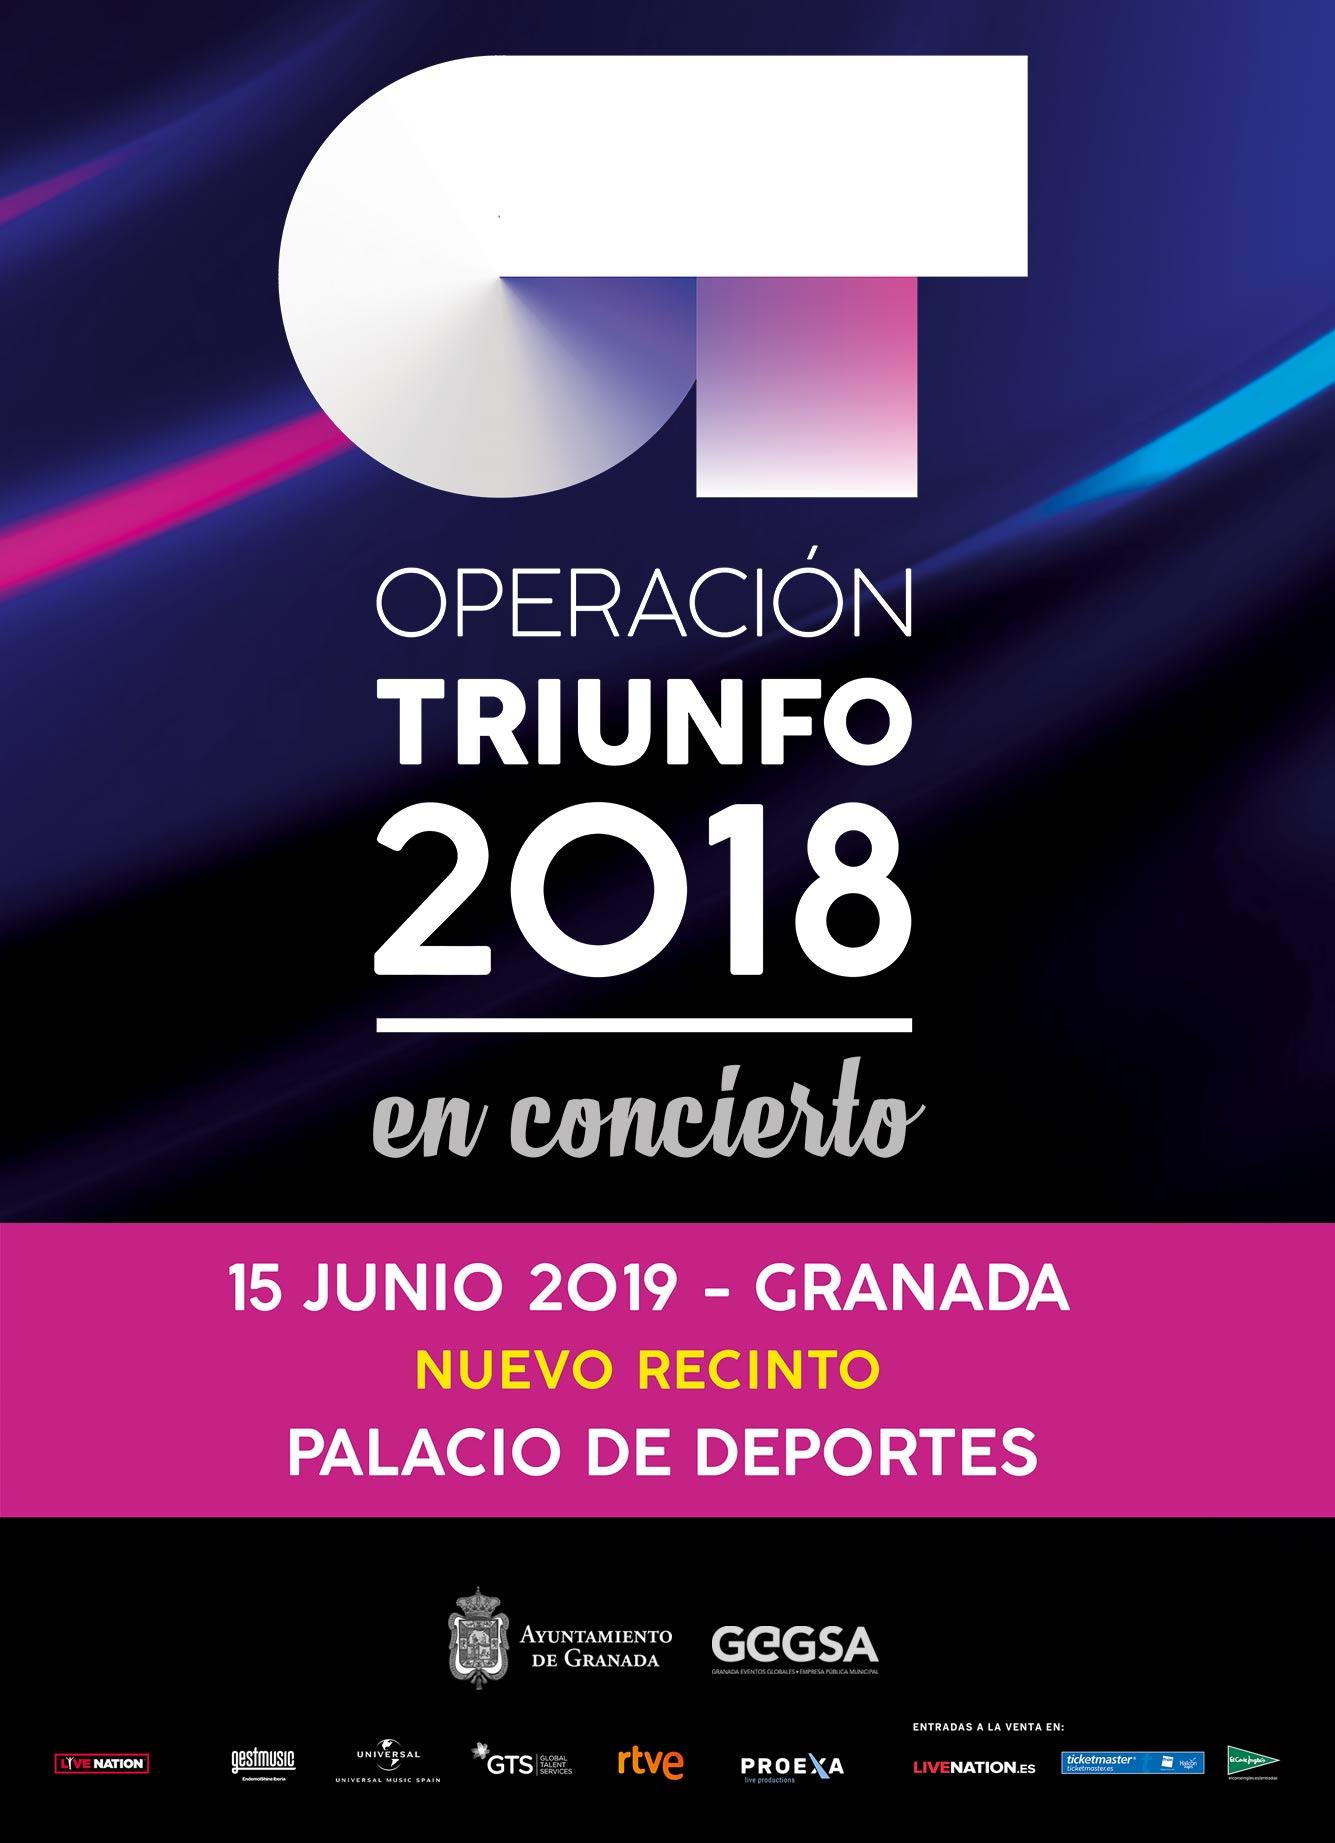 Cambio de recinto para Operación Triunfo en Granada